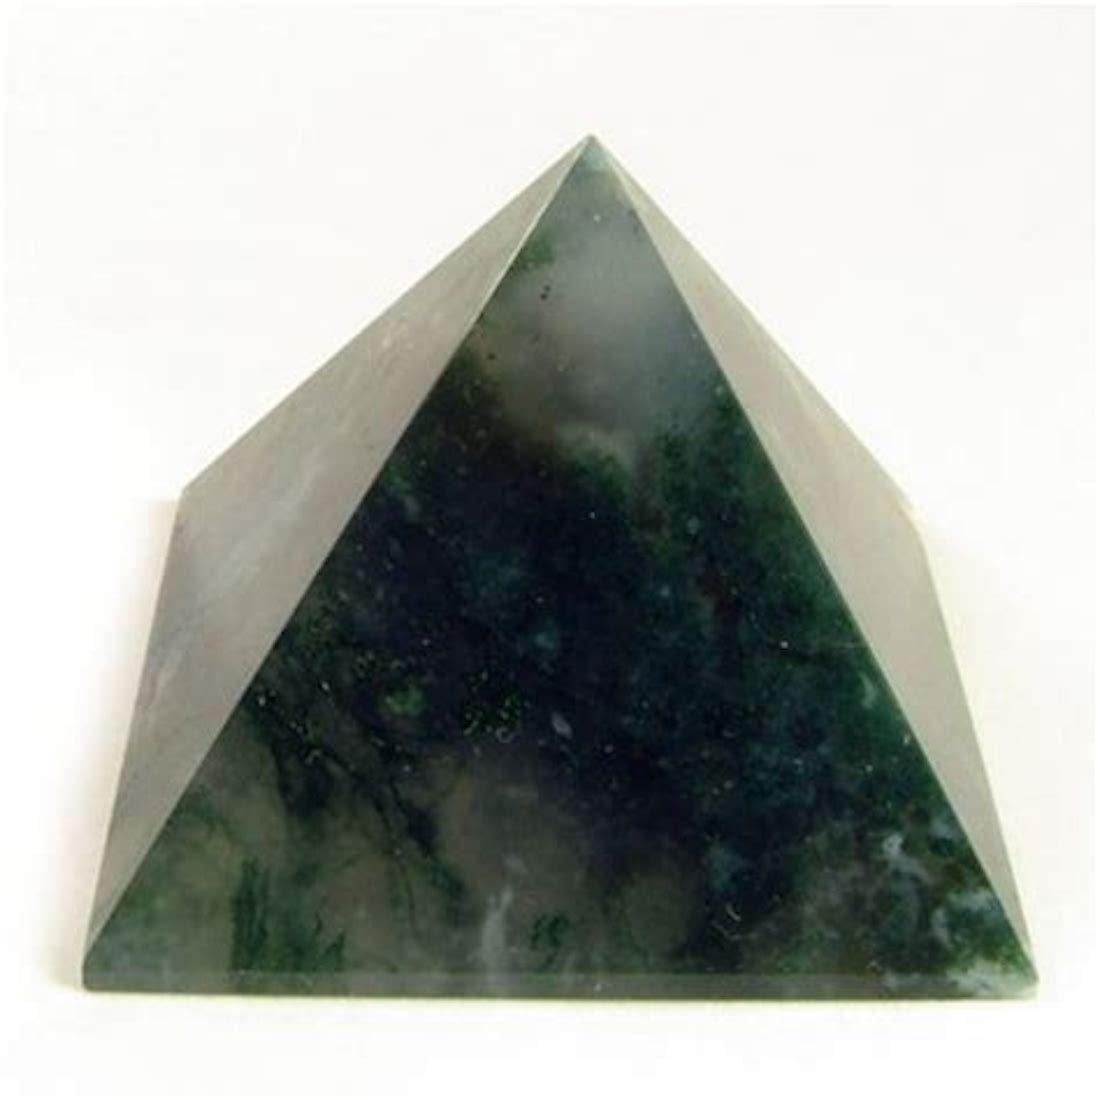 Moss Agate Chakra Pyramid Reiki Healing Crystals and Stones Rose Quartz Labrador - $26.99